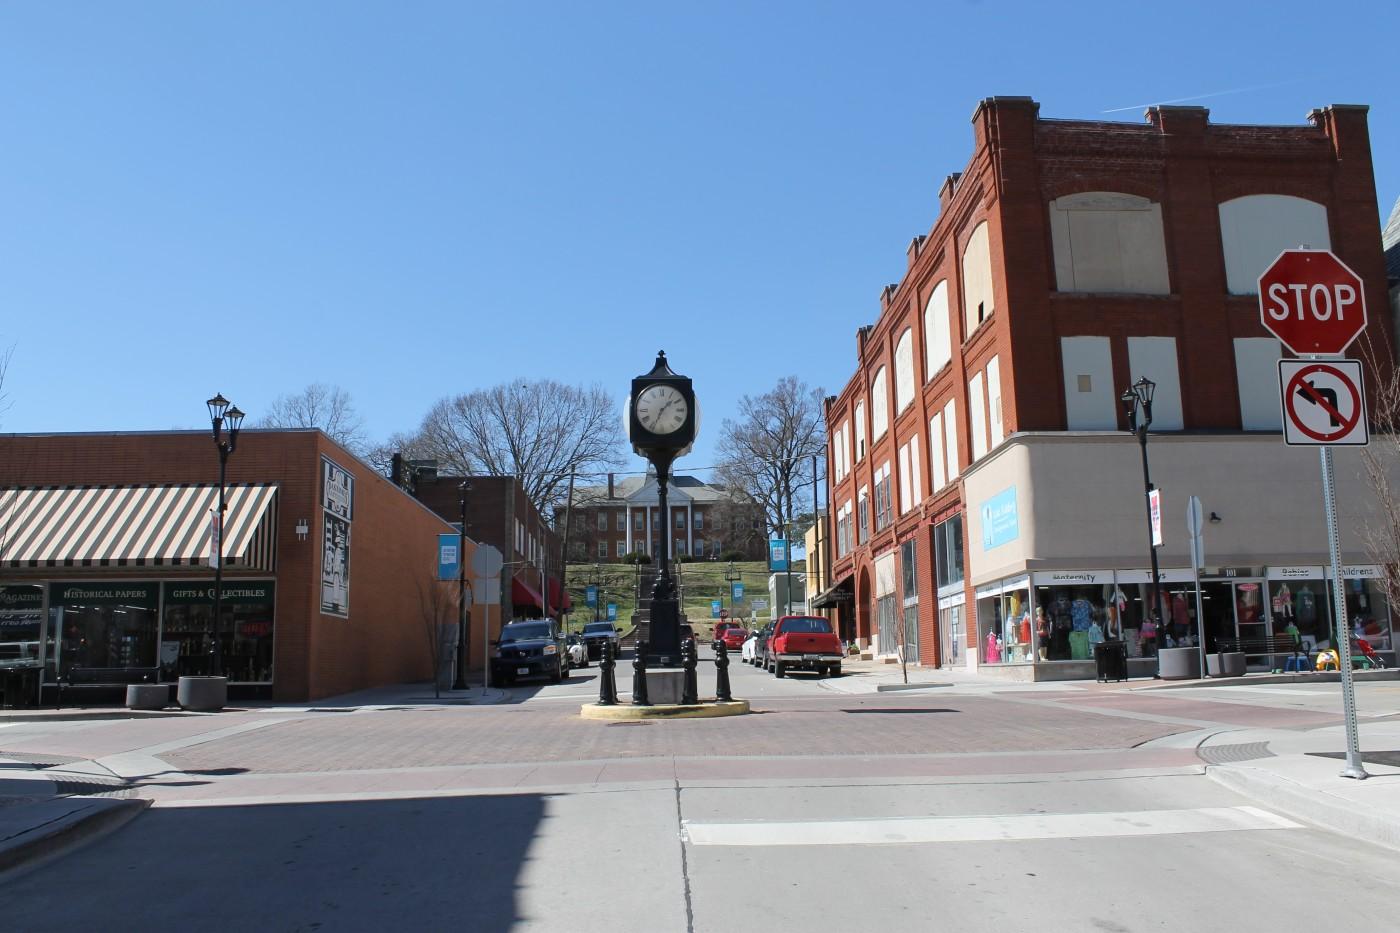 Cape Girardeau, MO